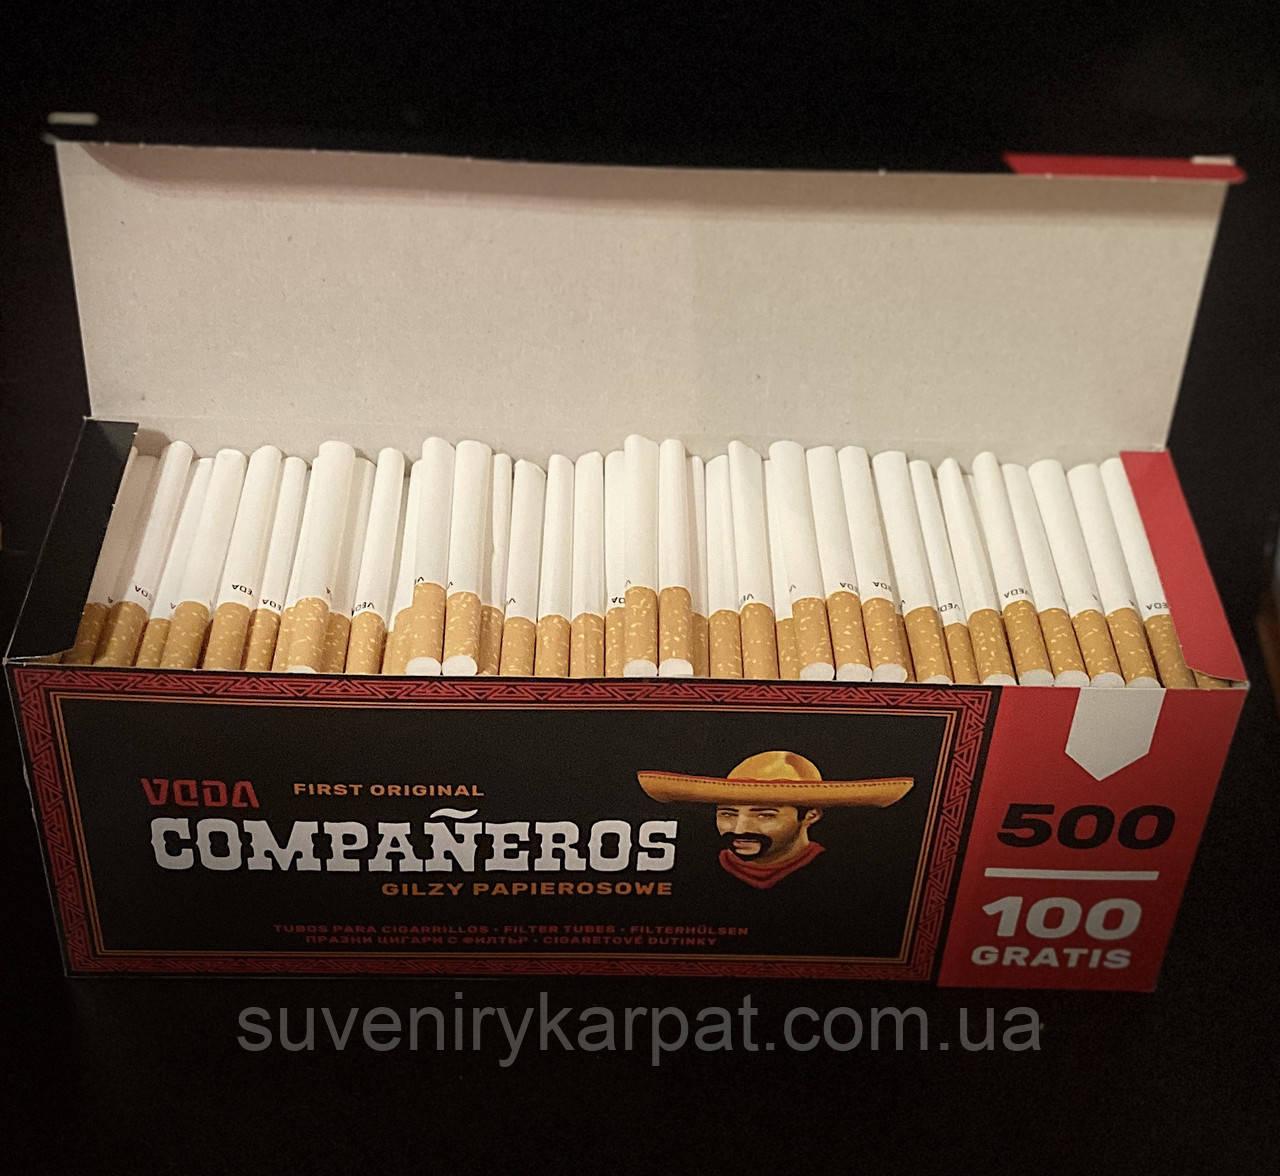 Заготовки для сигарет купить в станок для изготовления сигарет в домашних условиях купить цена